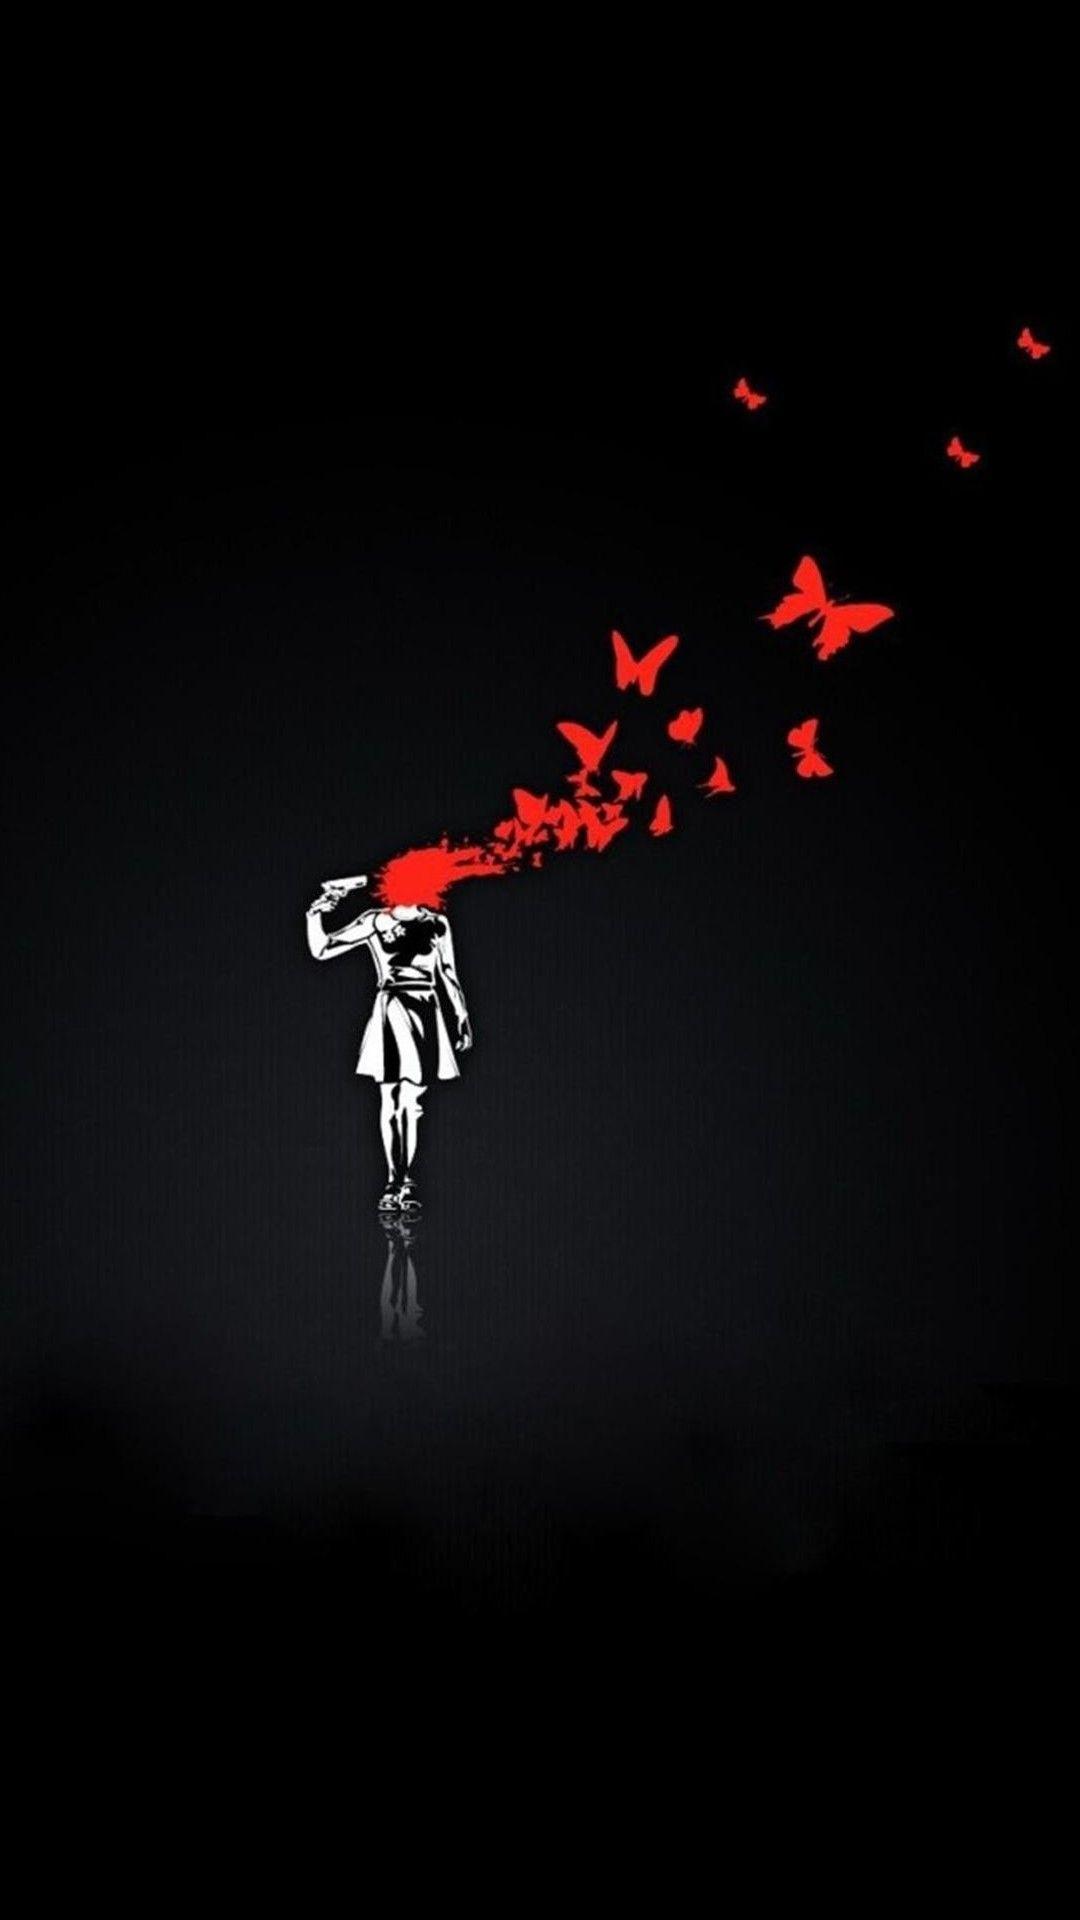 かっこいいイラスト 拳銃で撃ちぬいた頭から蝶が羽ばたく Iphone11 スマホ壁紙 待受画像ギャラリー 携帯電話の壁紙 面白いiphoneの 壁紙 スマホ壁紙